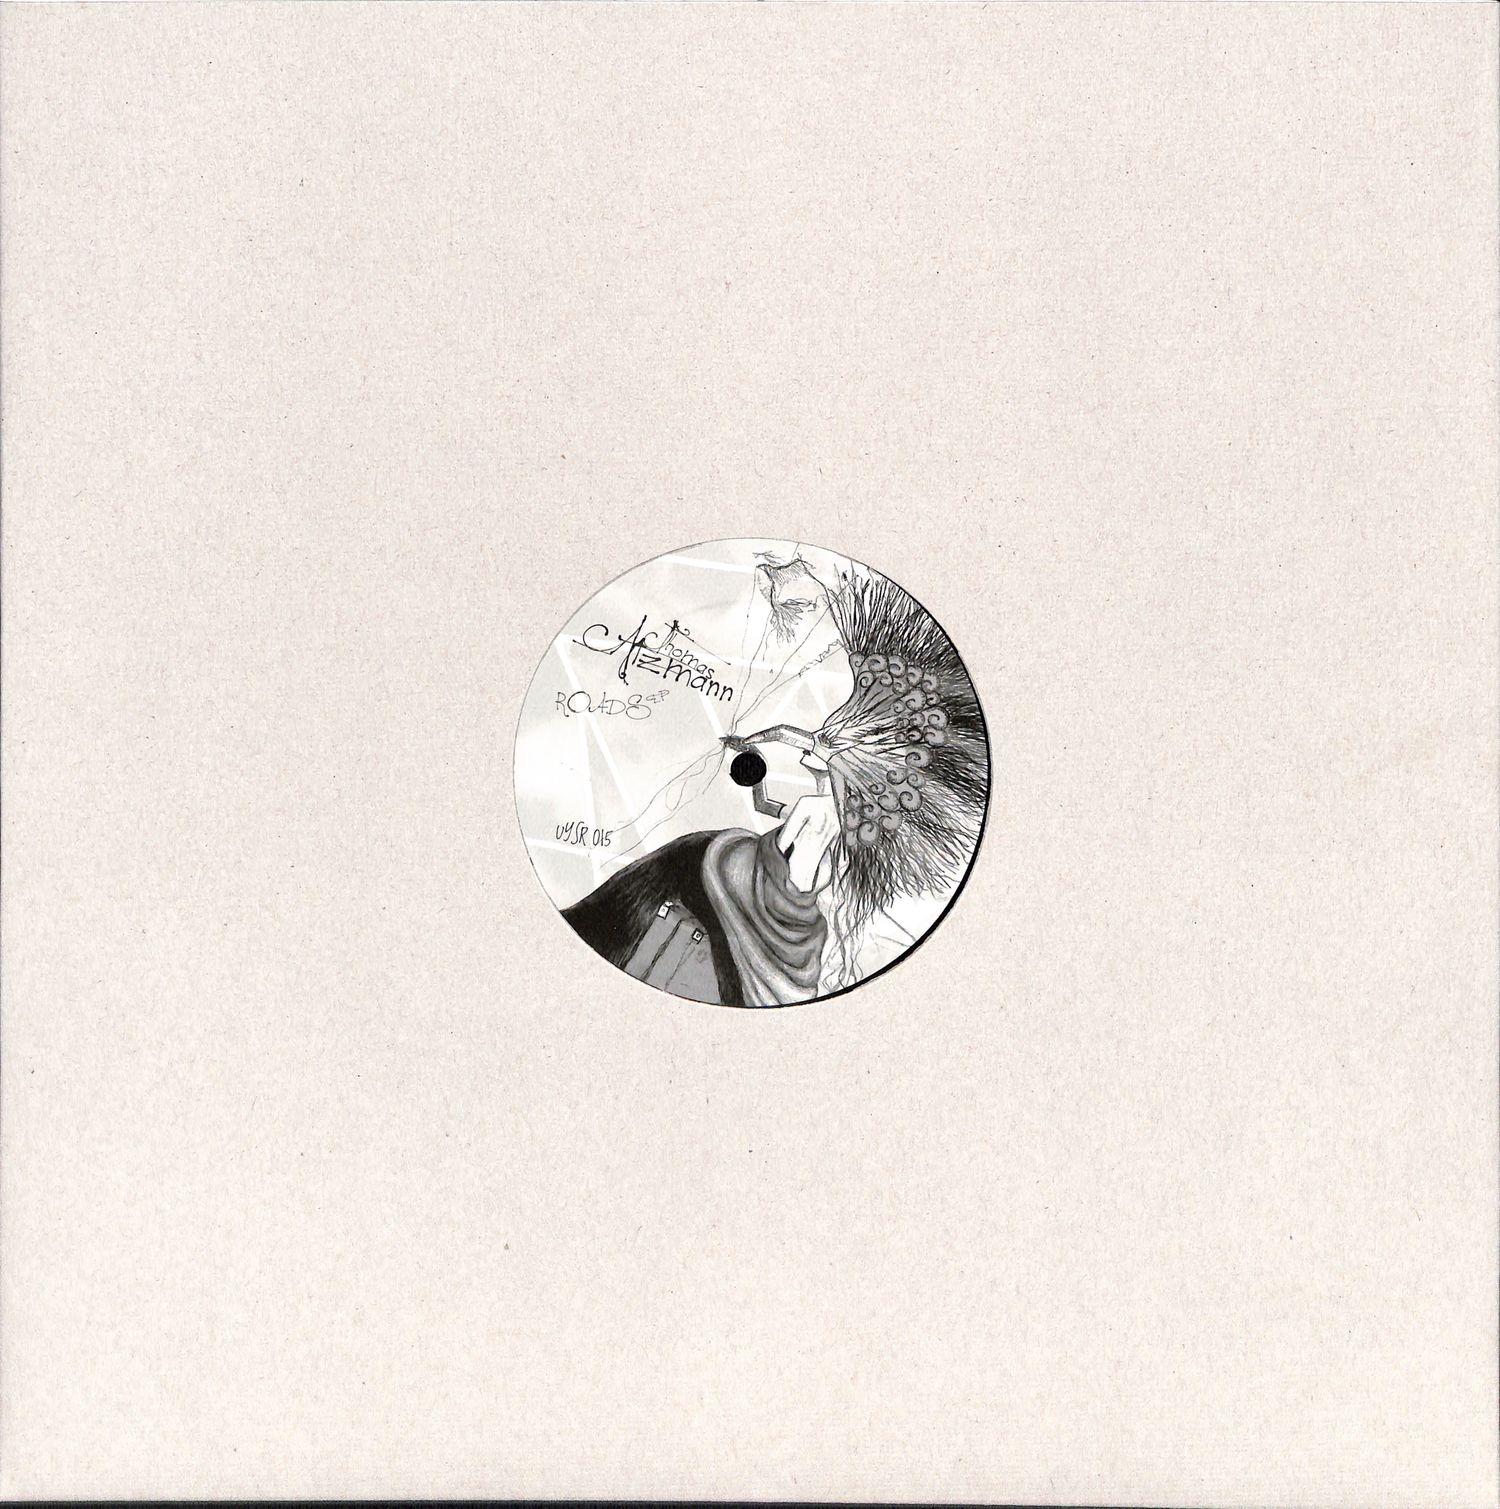 Thomas Atzmann - ROADS EP